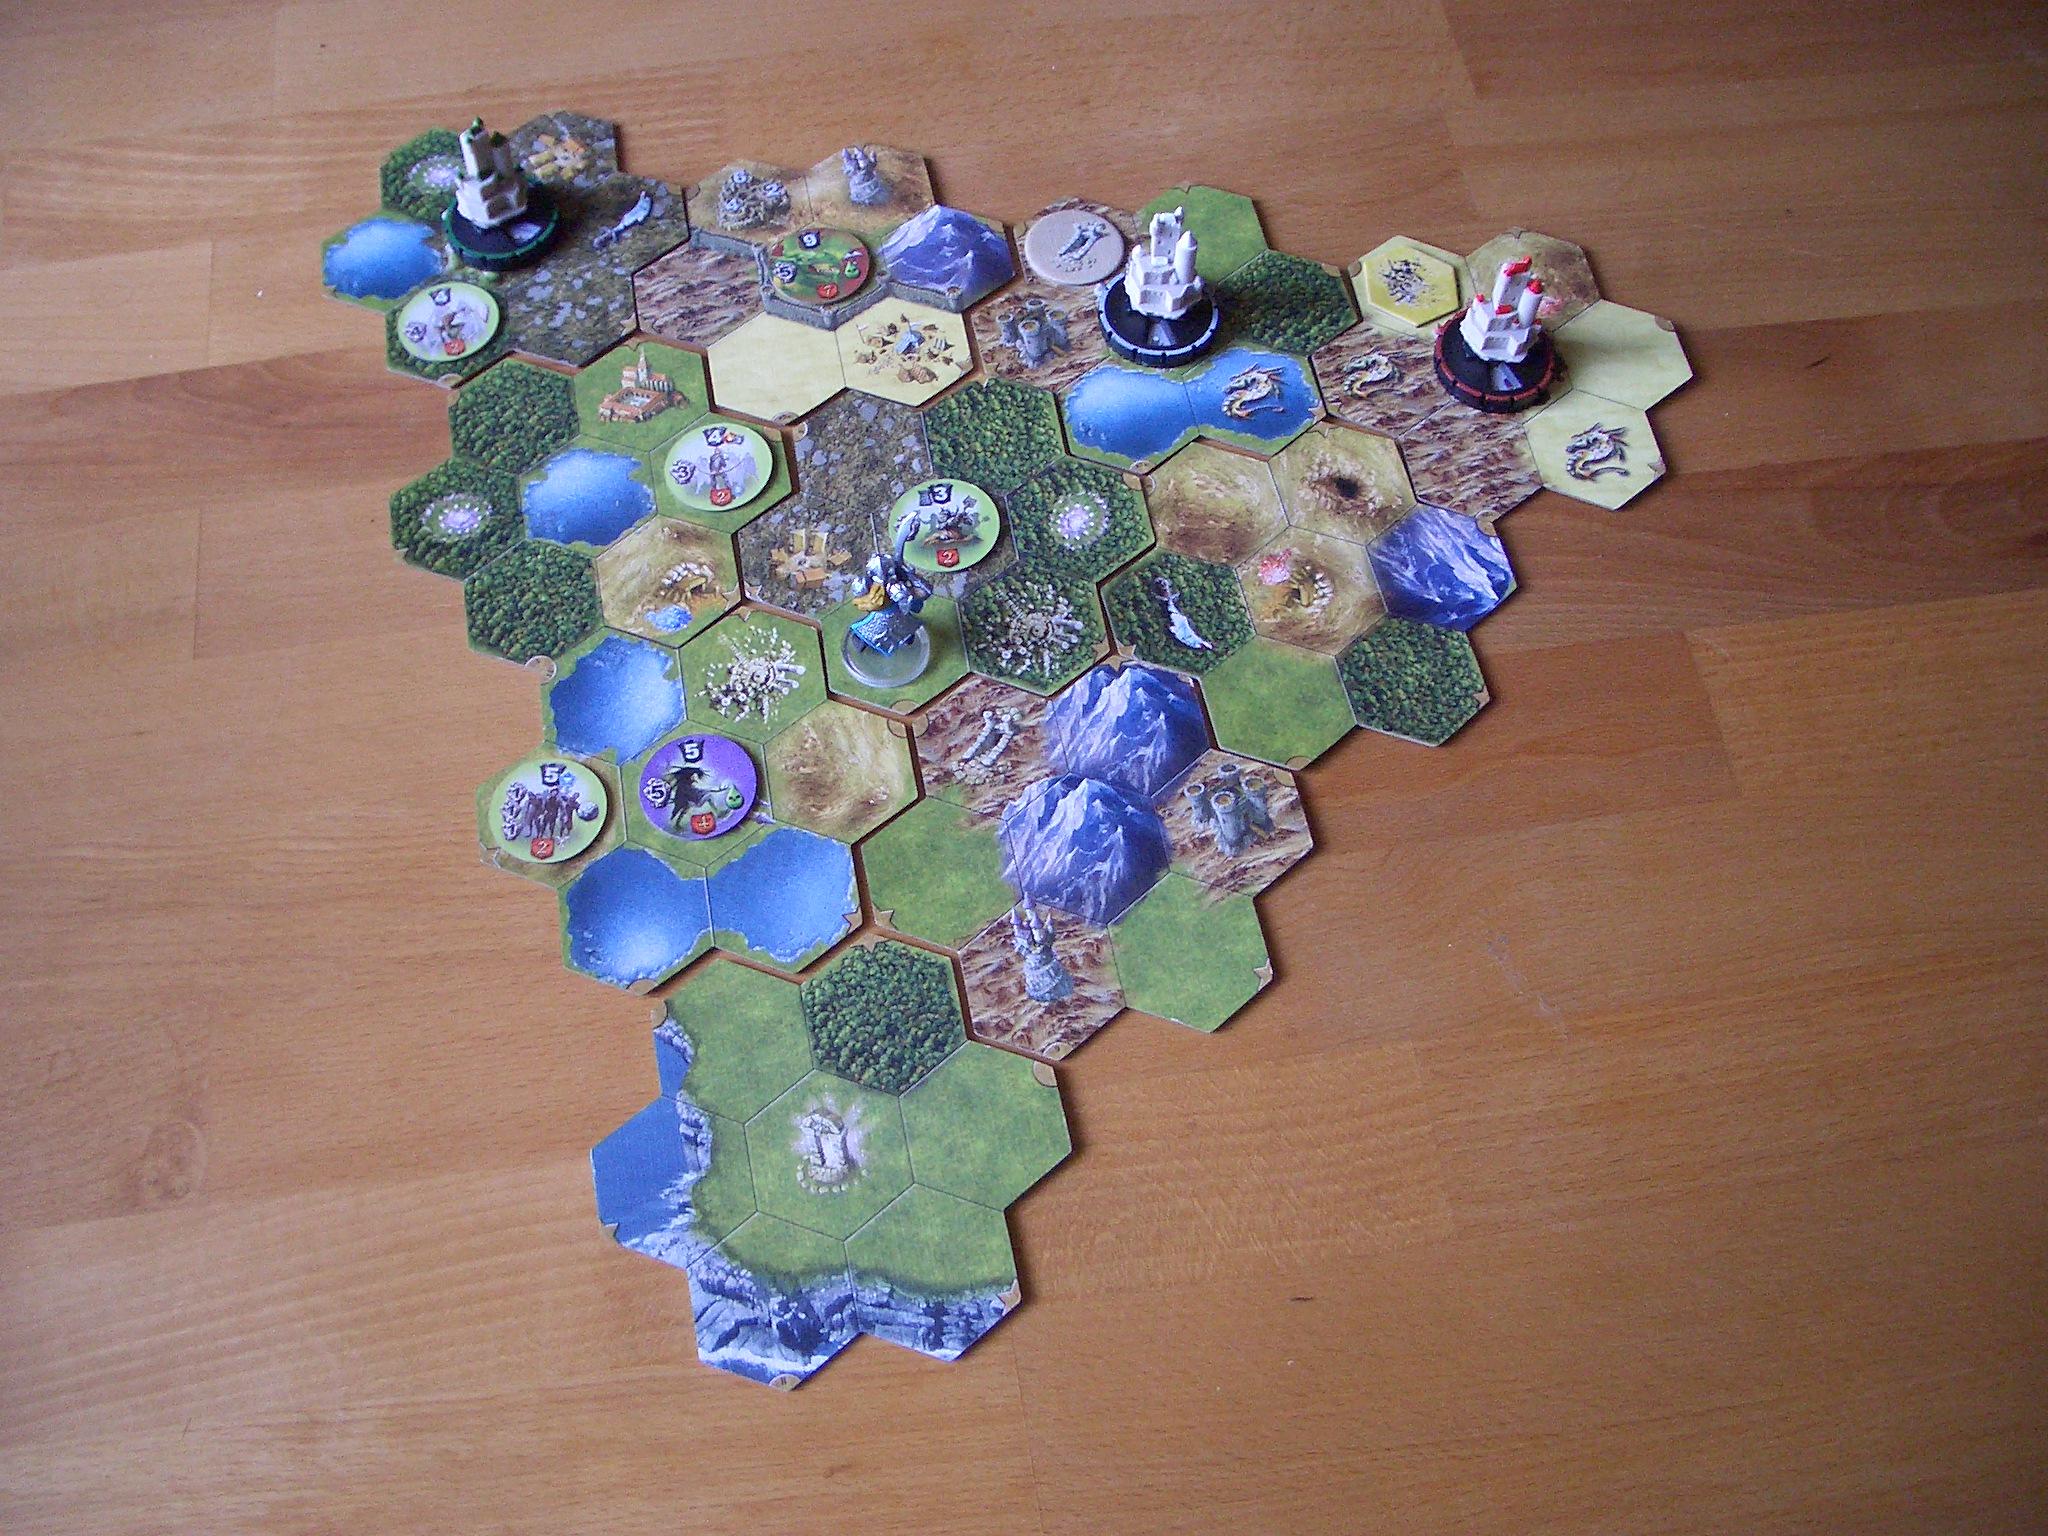 Mage Knight - Das Brettspiel Spielfeld